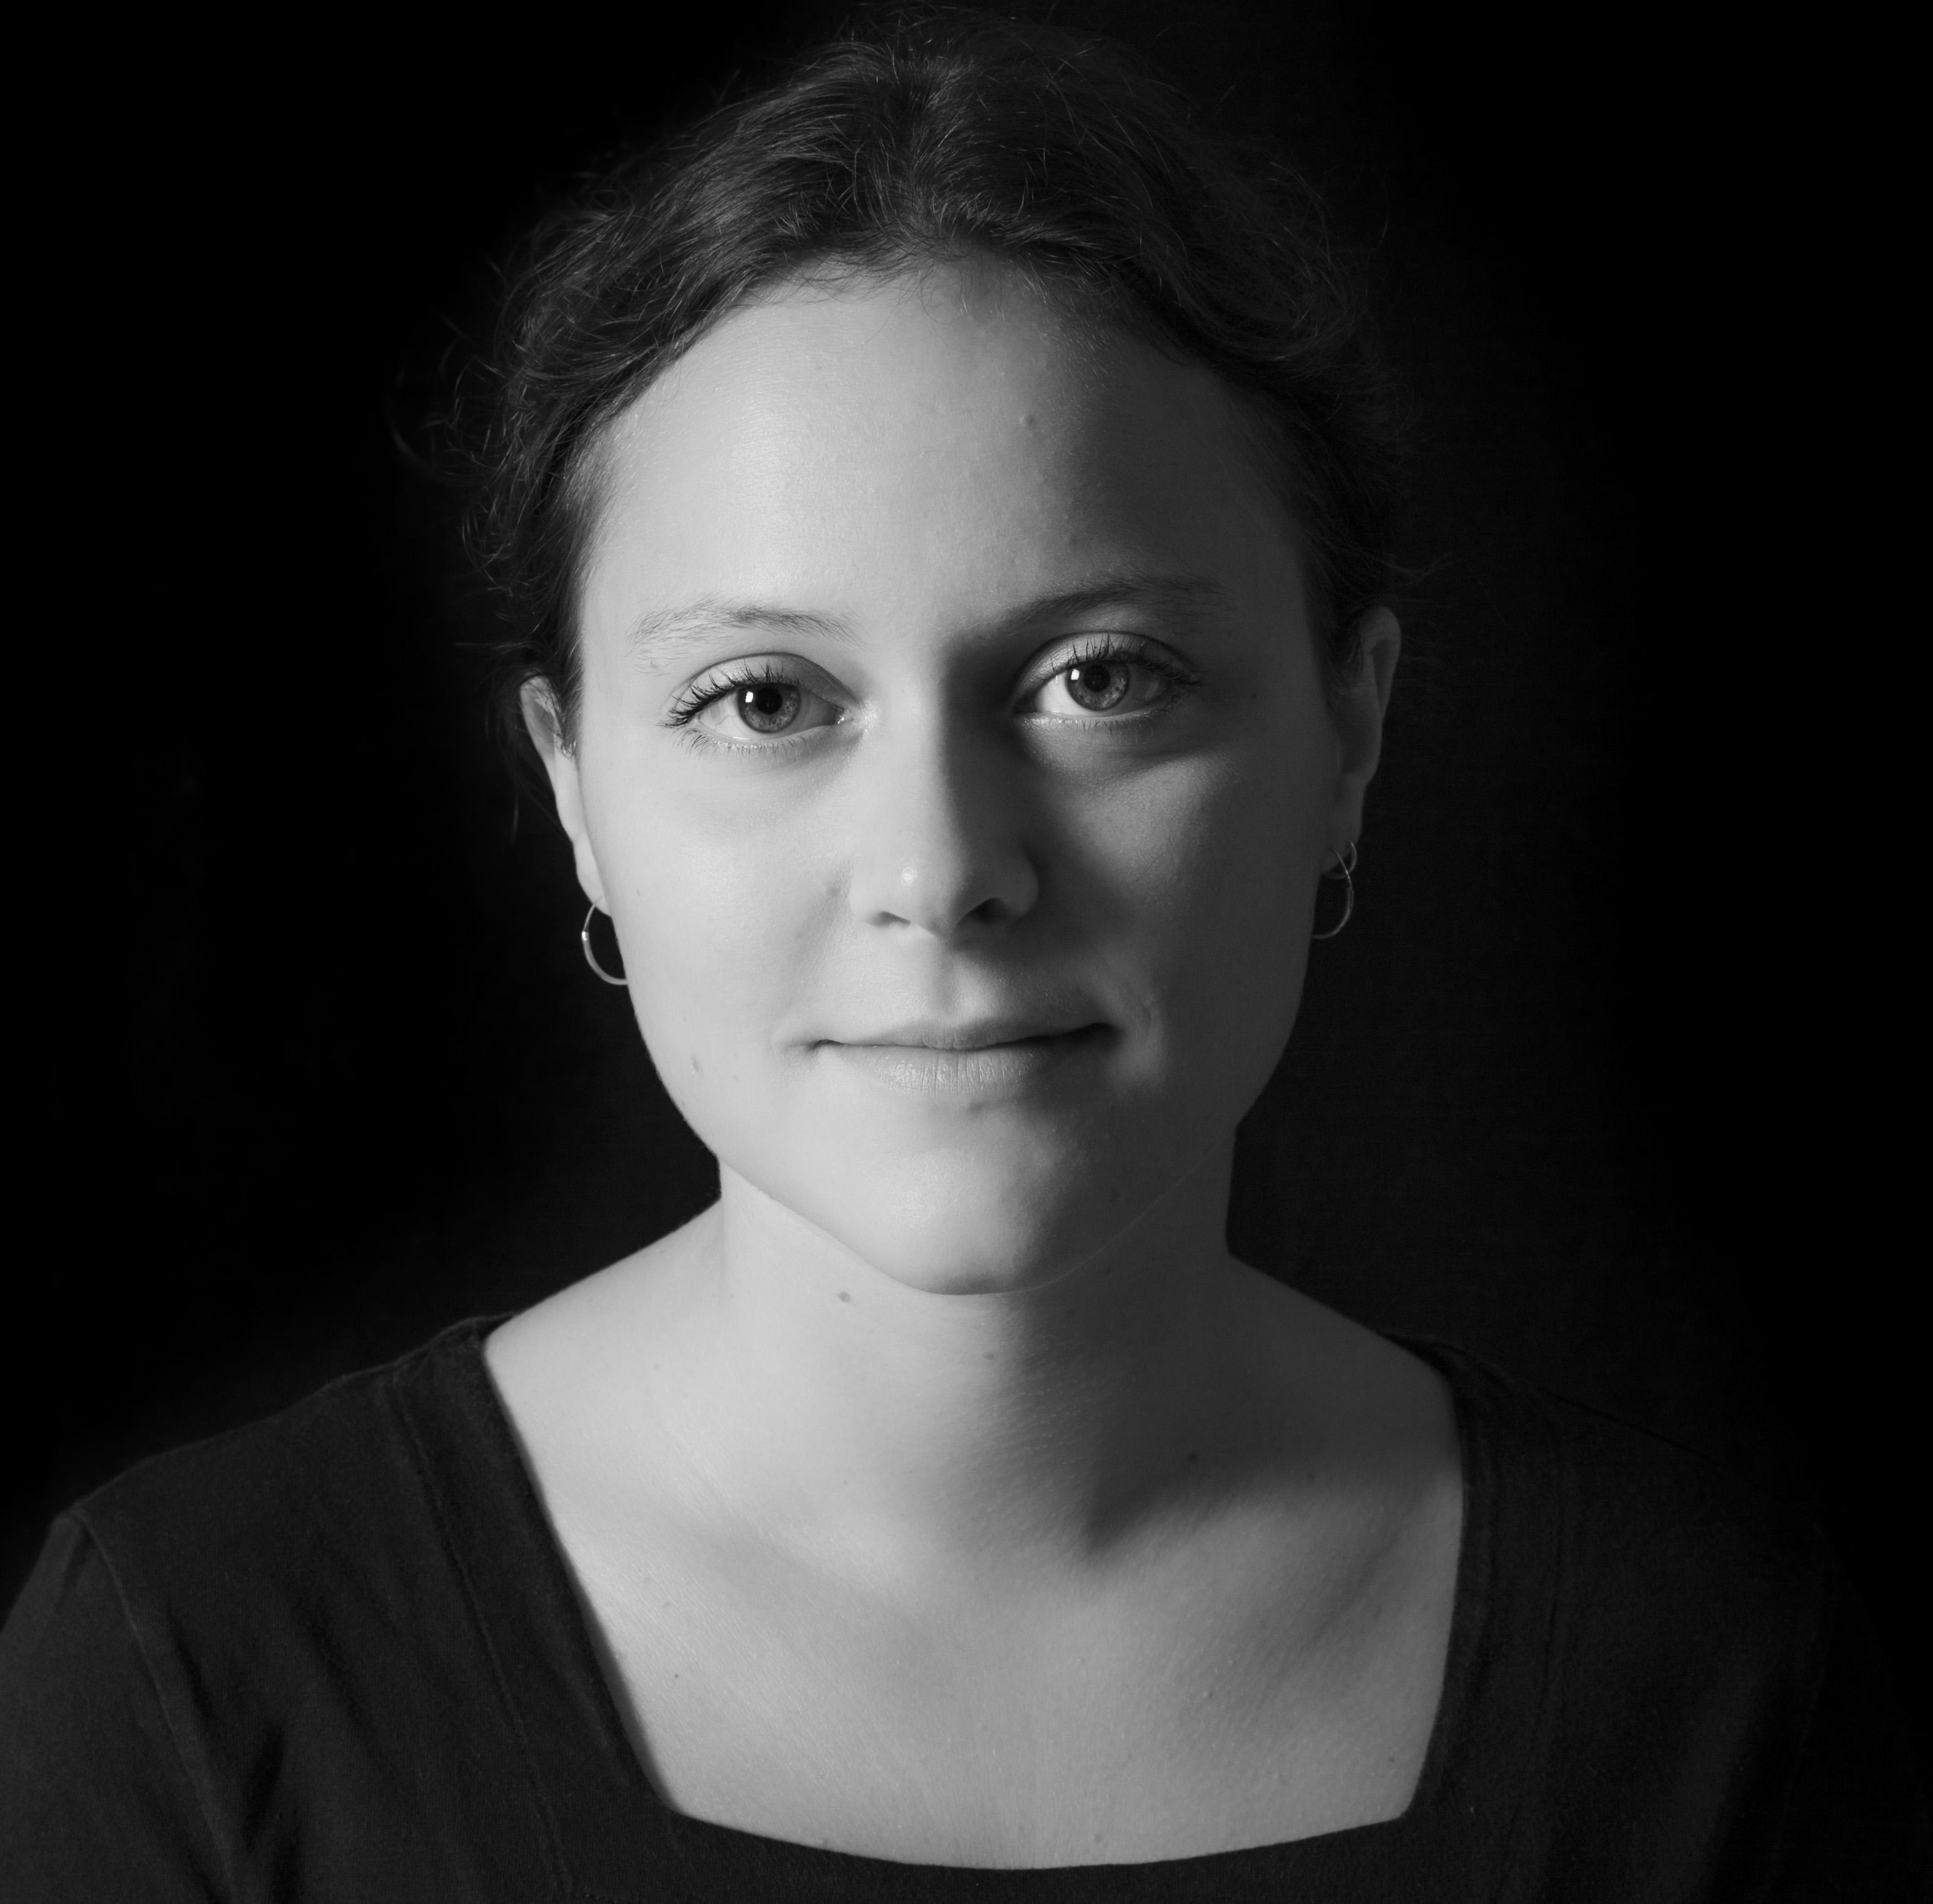 Ottavia Catenacci